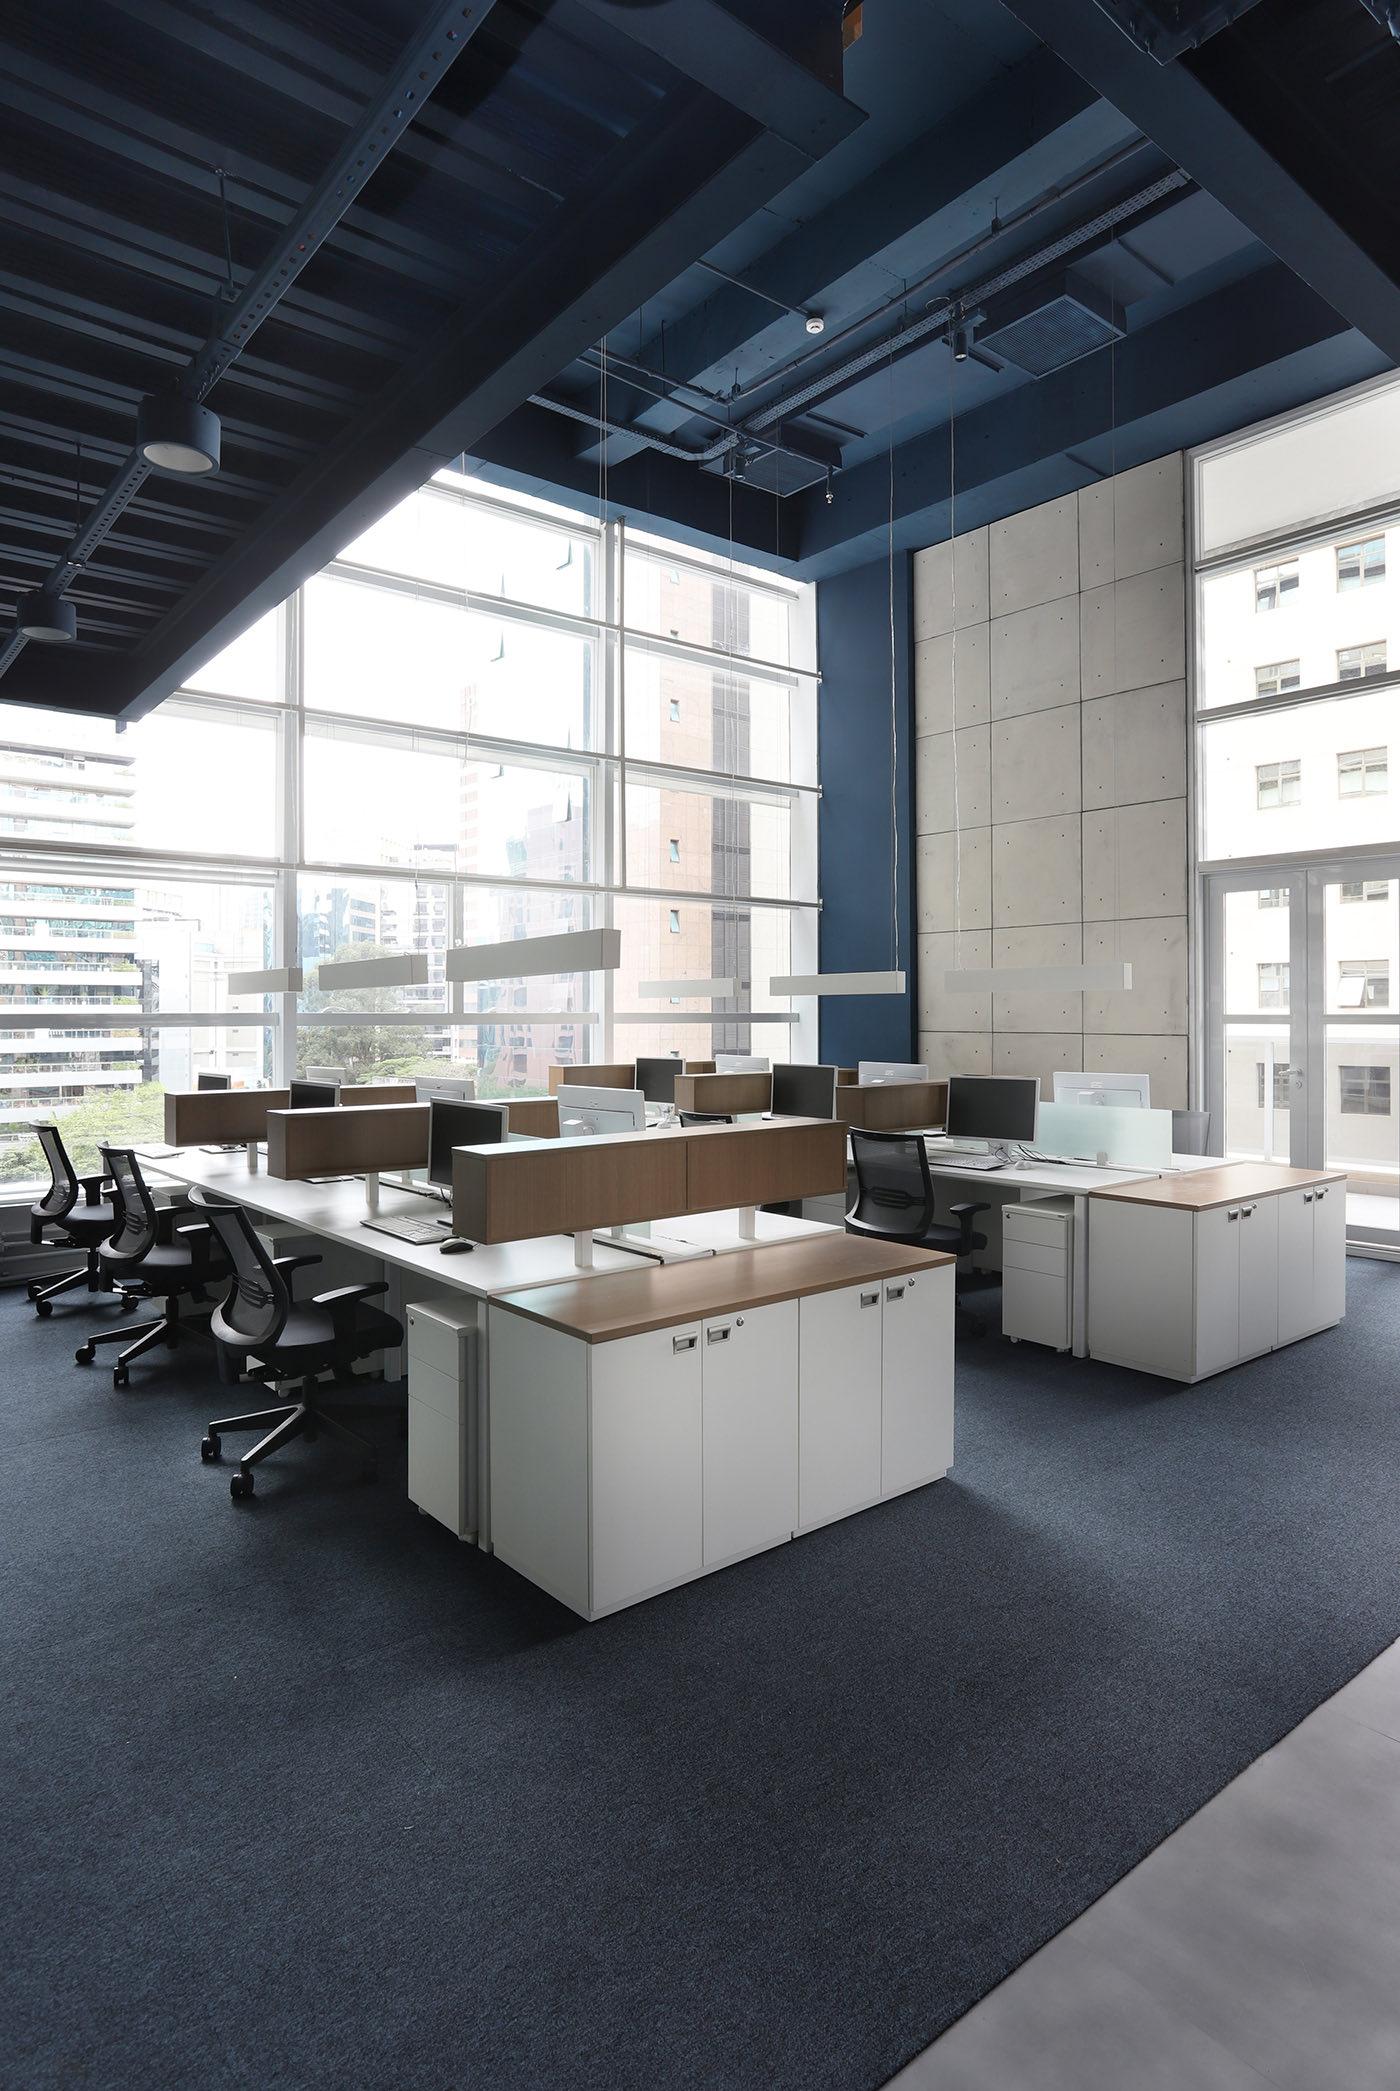 lufthansa-office-brazil-5